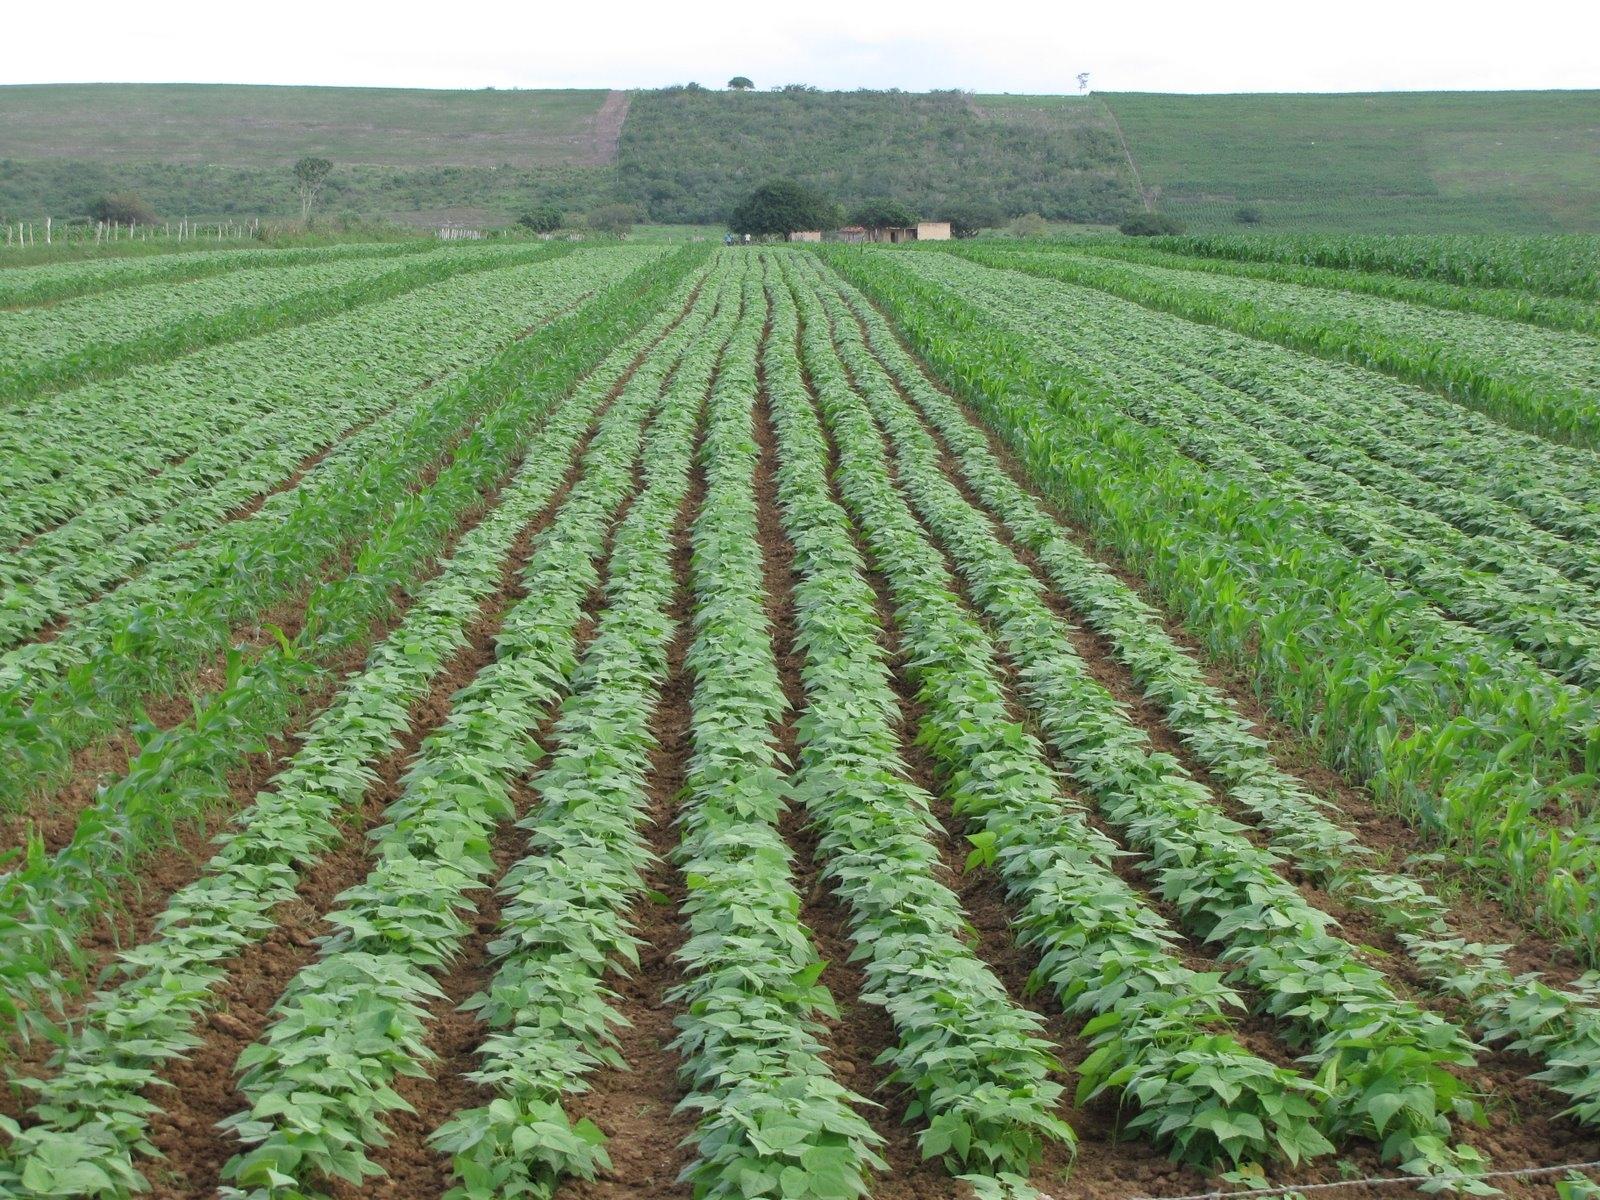 Safra do Nordeste gera boa expectativa de abastecimento para o mercado do feijão carioca